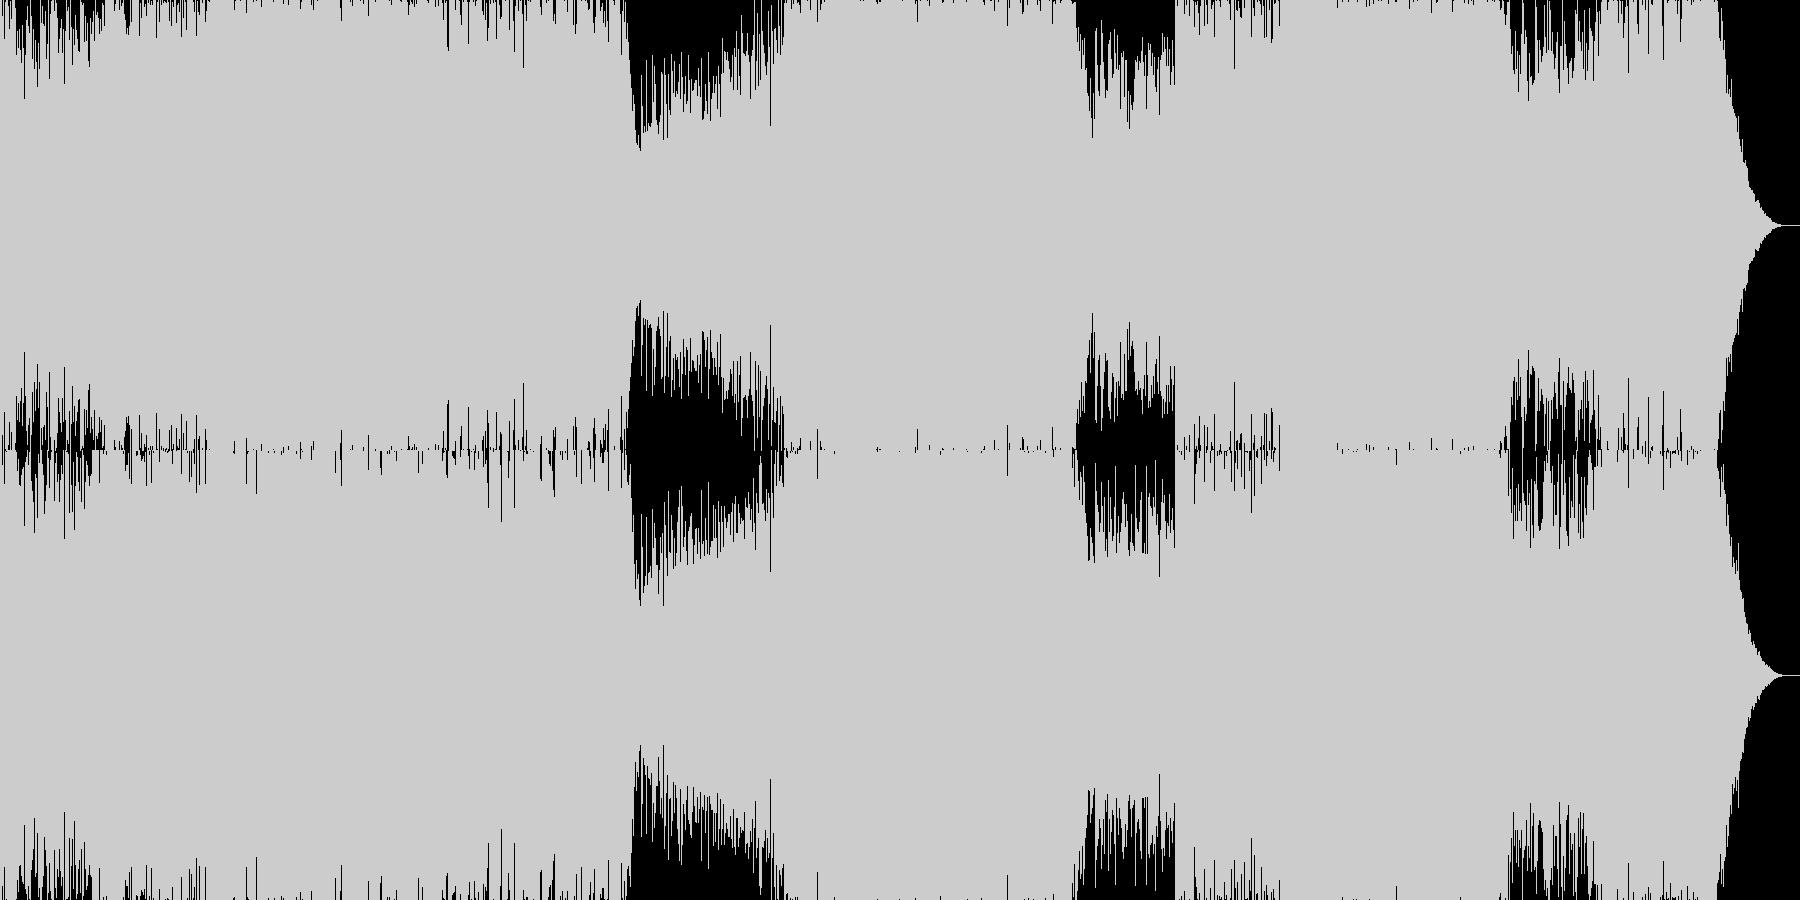 ピアノがメインのドラムンベースの未再生の波形